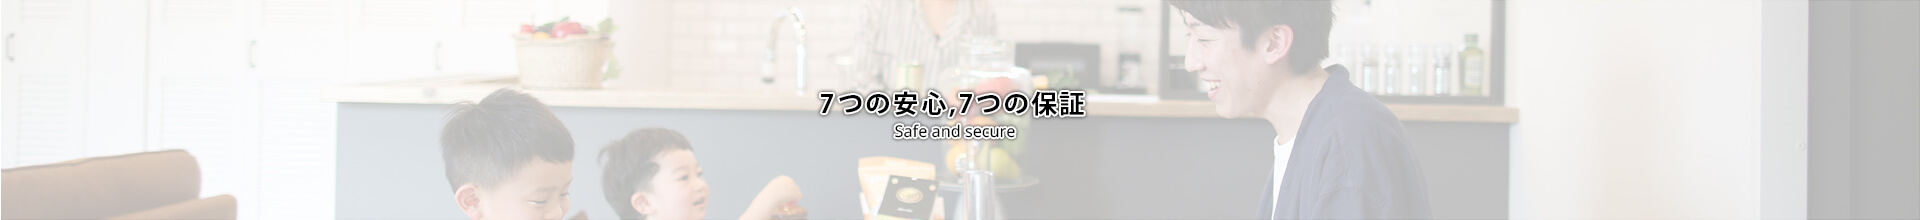 7つの安心。7つの保証。